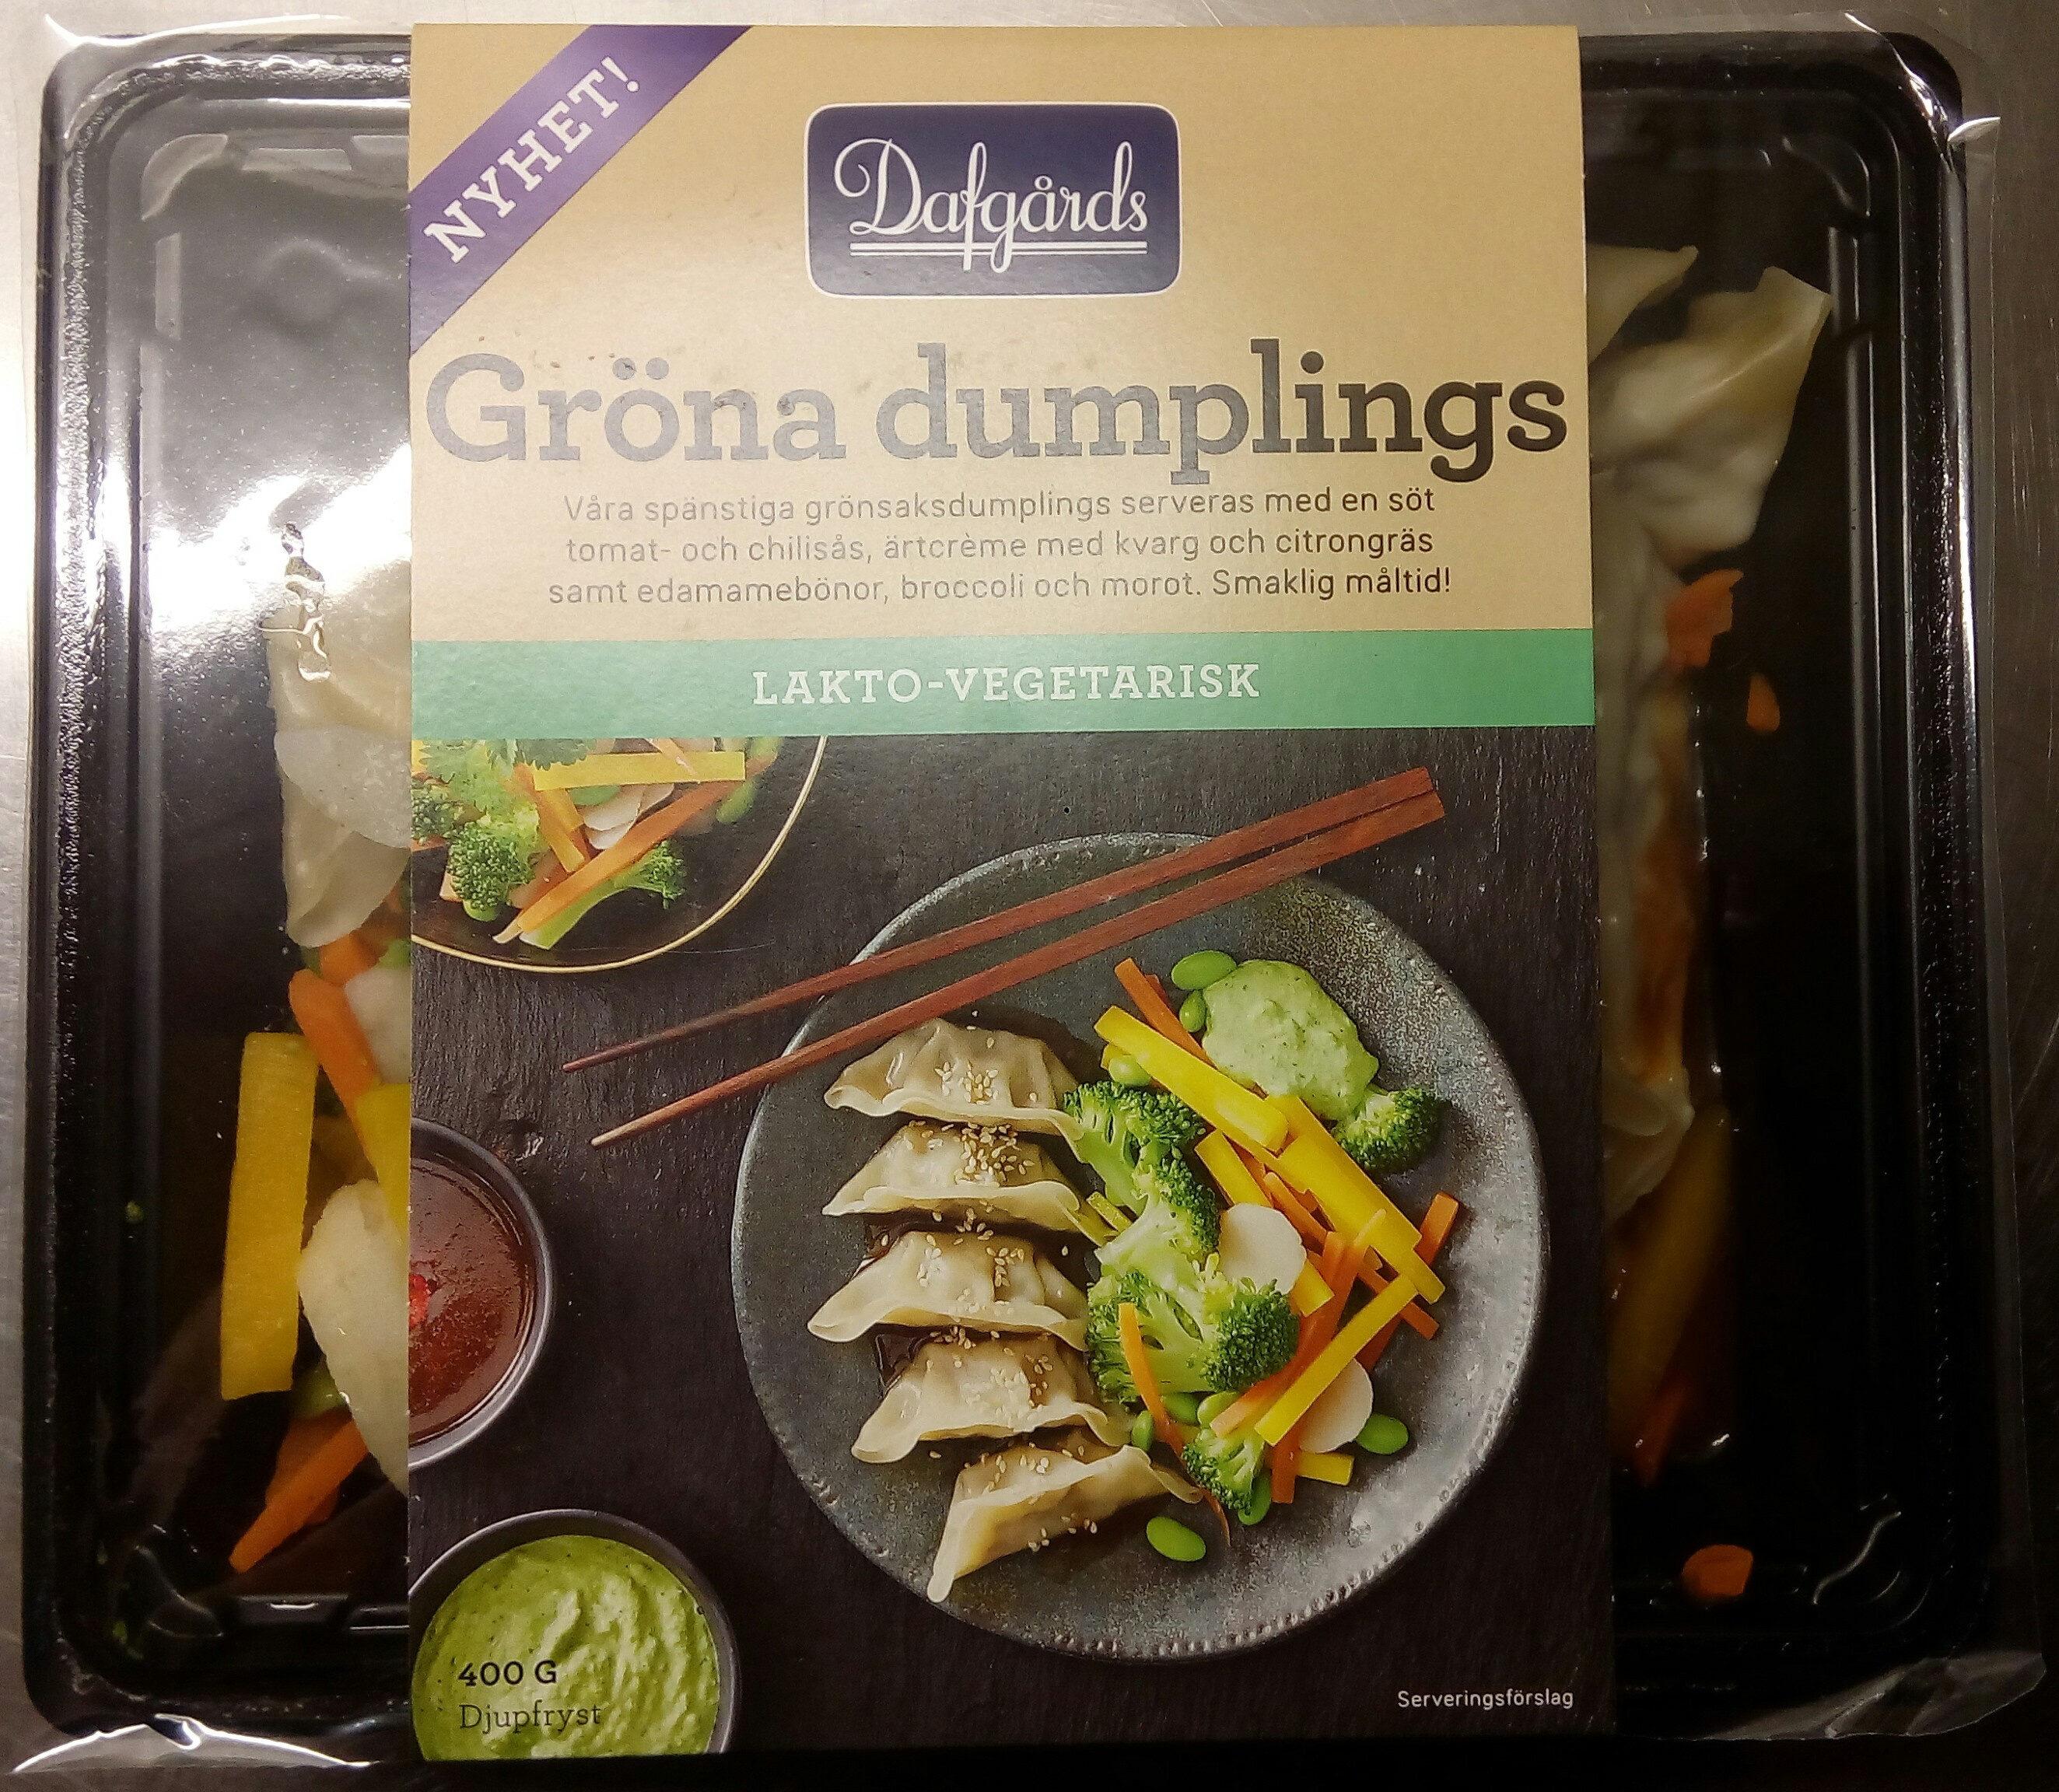 Dafgårds Gröna dumplings - Product